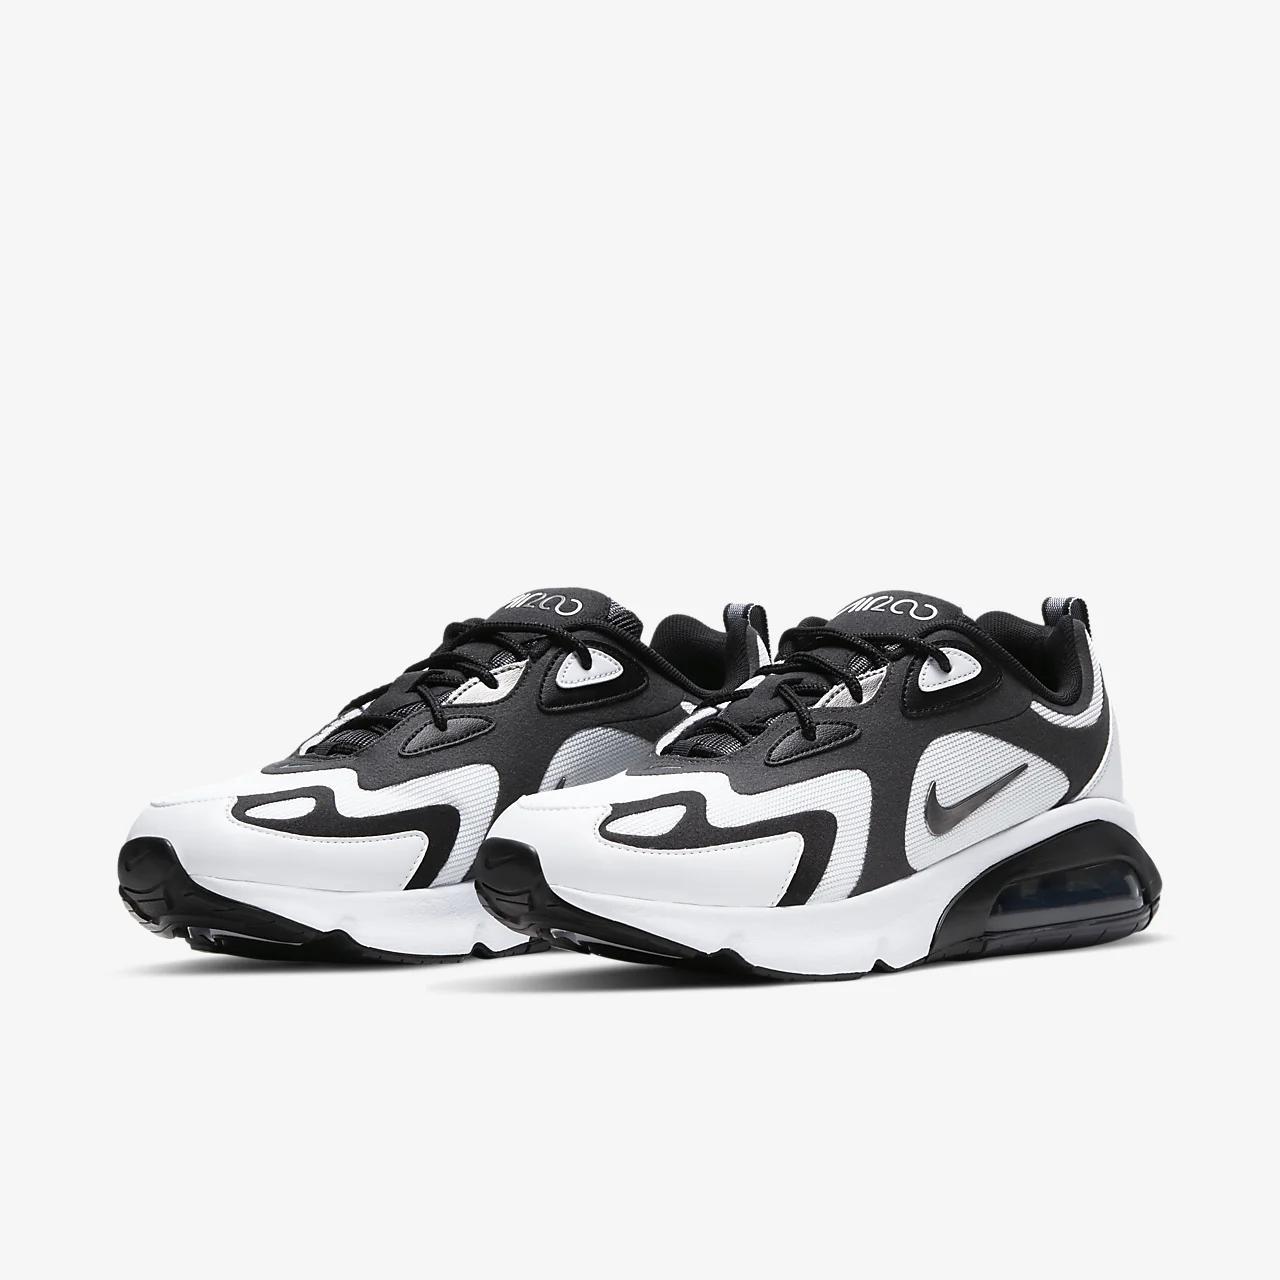 나이키 에어 맥스 200 남성 신발 CT1262-100